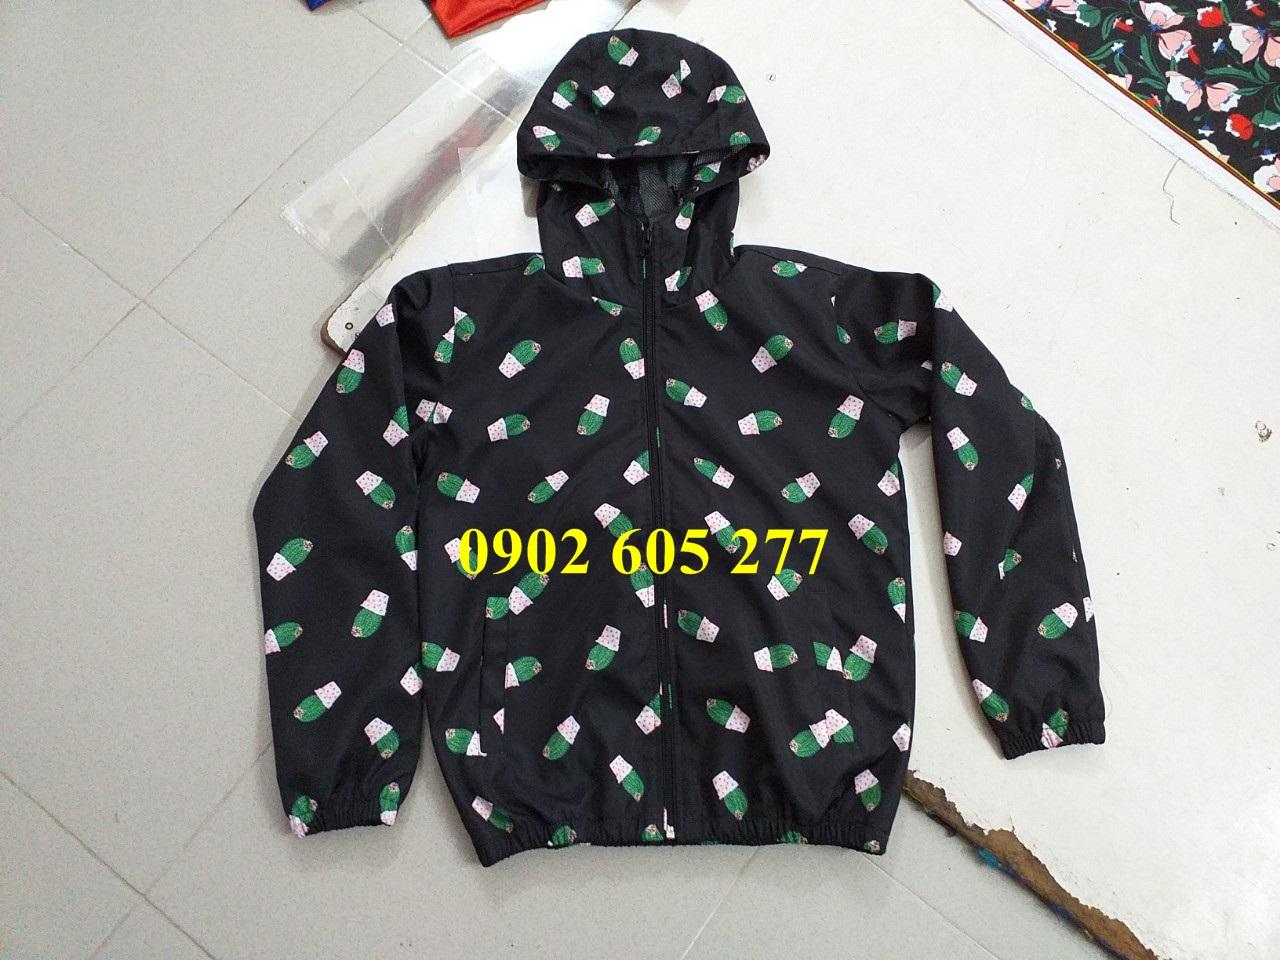 Cần may áo khoác khuyến mãi giá rẻ theo yêu cầu – may ao khoac khuyen mai thoe yeu cau